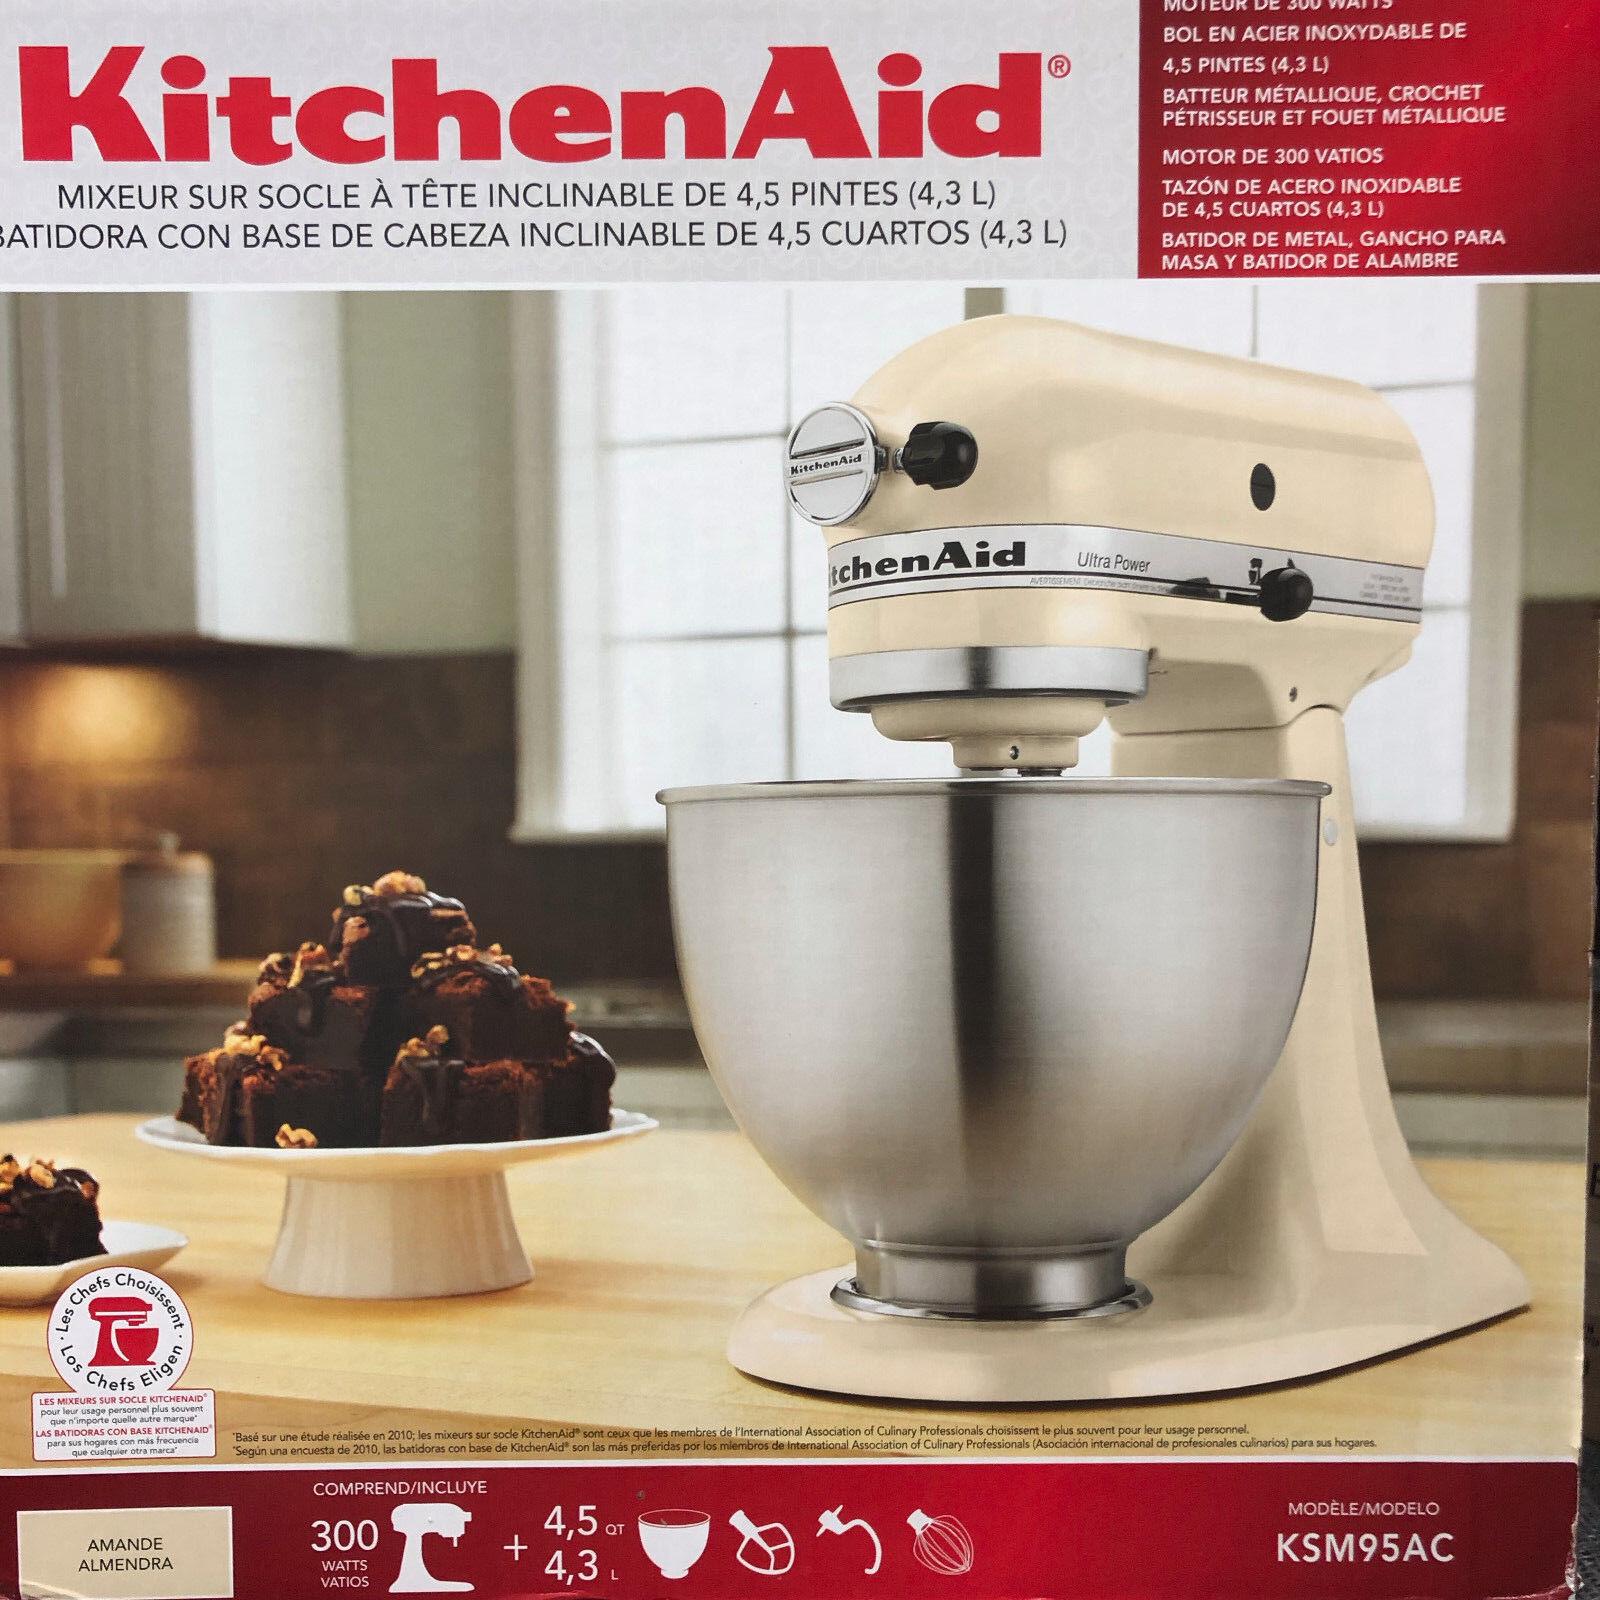 KitchenAid Ksm95 Ultra Power 300 Watts 4.5 Qt Stand Mixer KSM95ACO Almond Cream